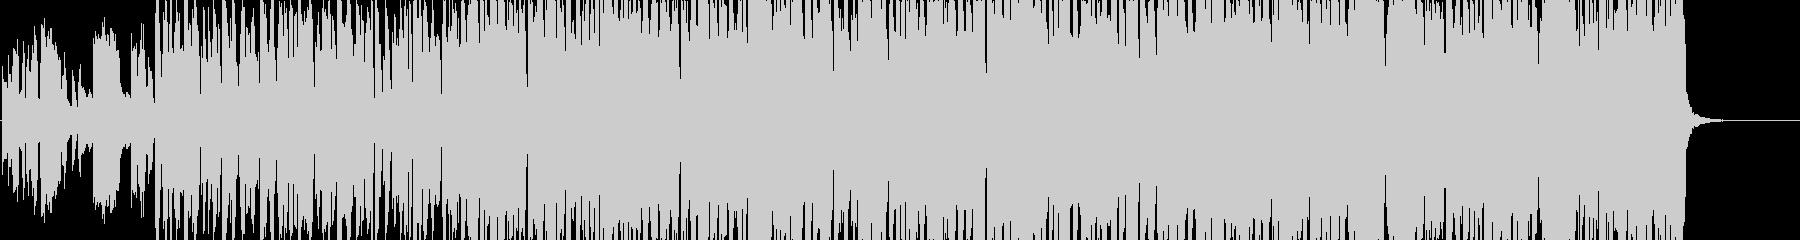 ダンサブルな洋楽Pops/Discoの未再生の波形